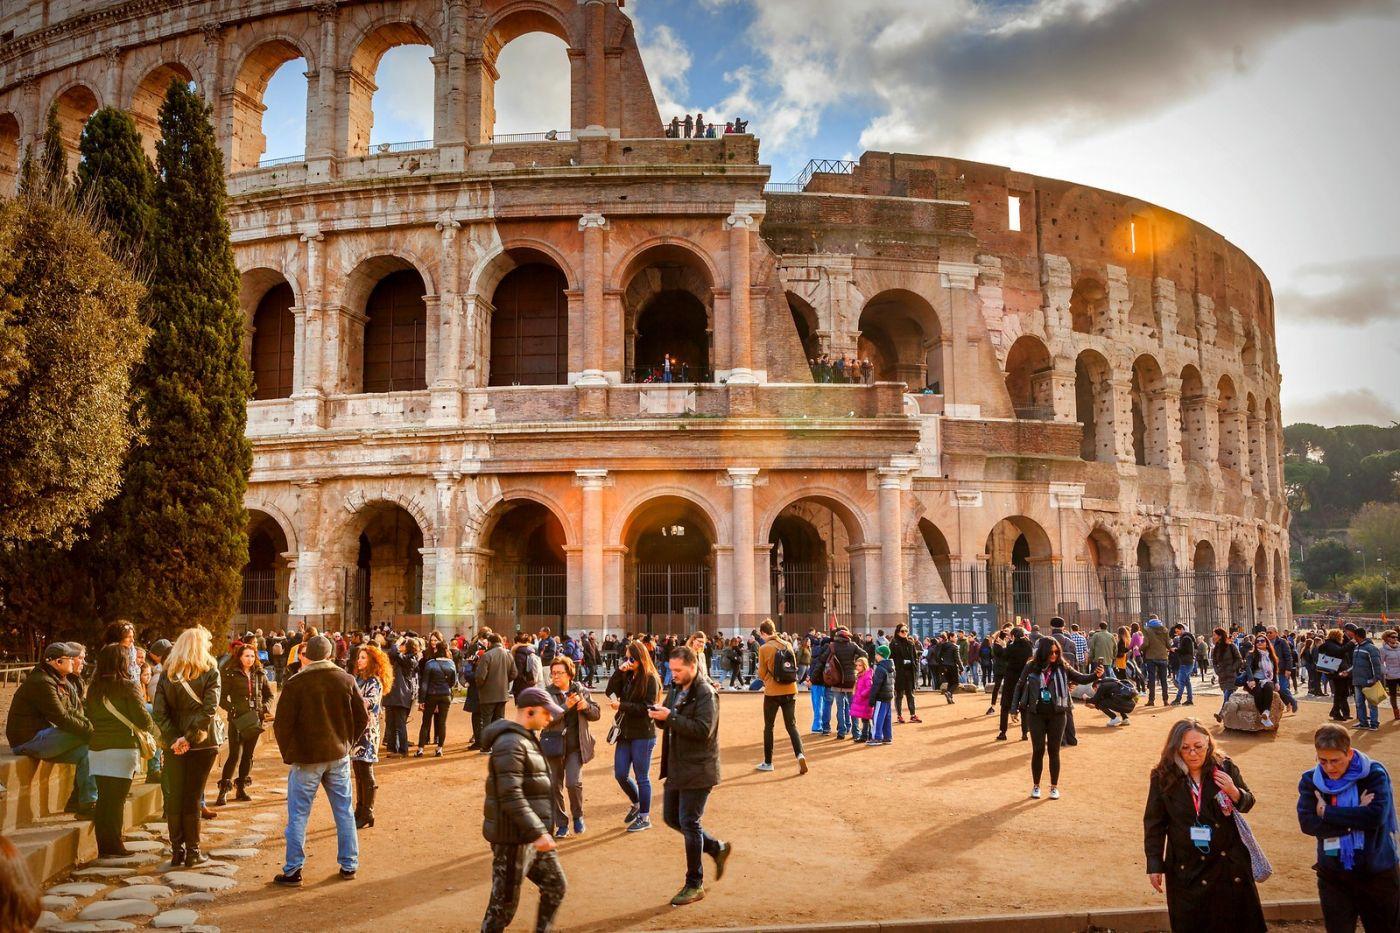 罗马斗兽场(Colosseum), 两千年的宏大建筑古迹_图1-3